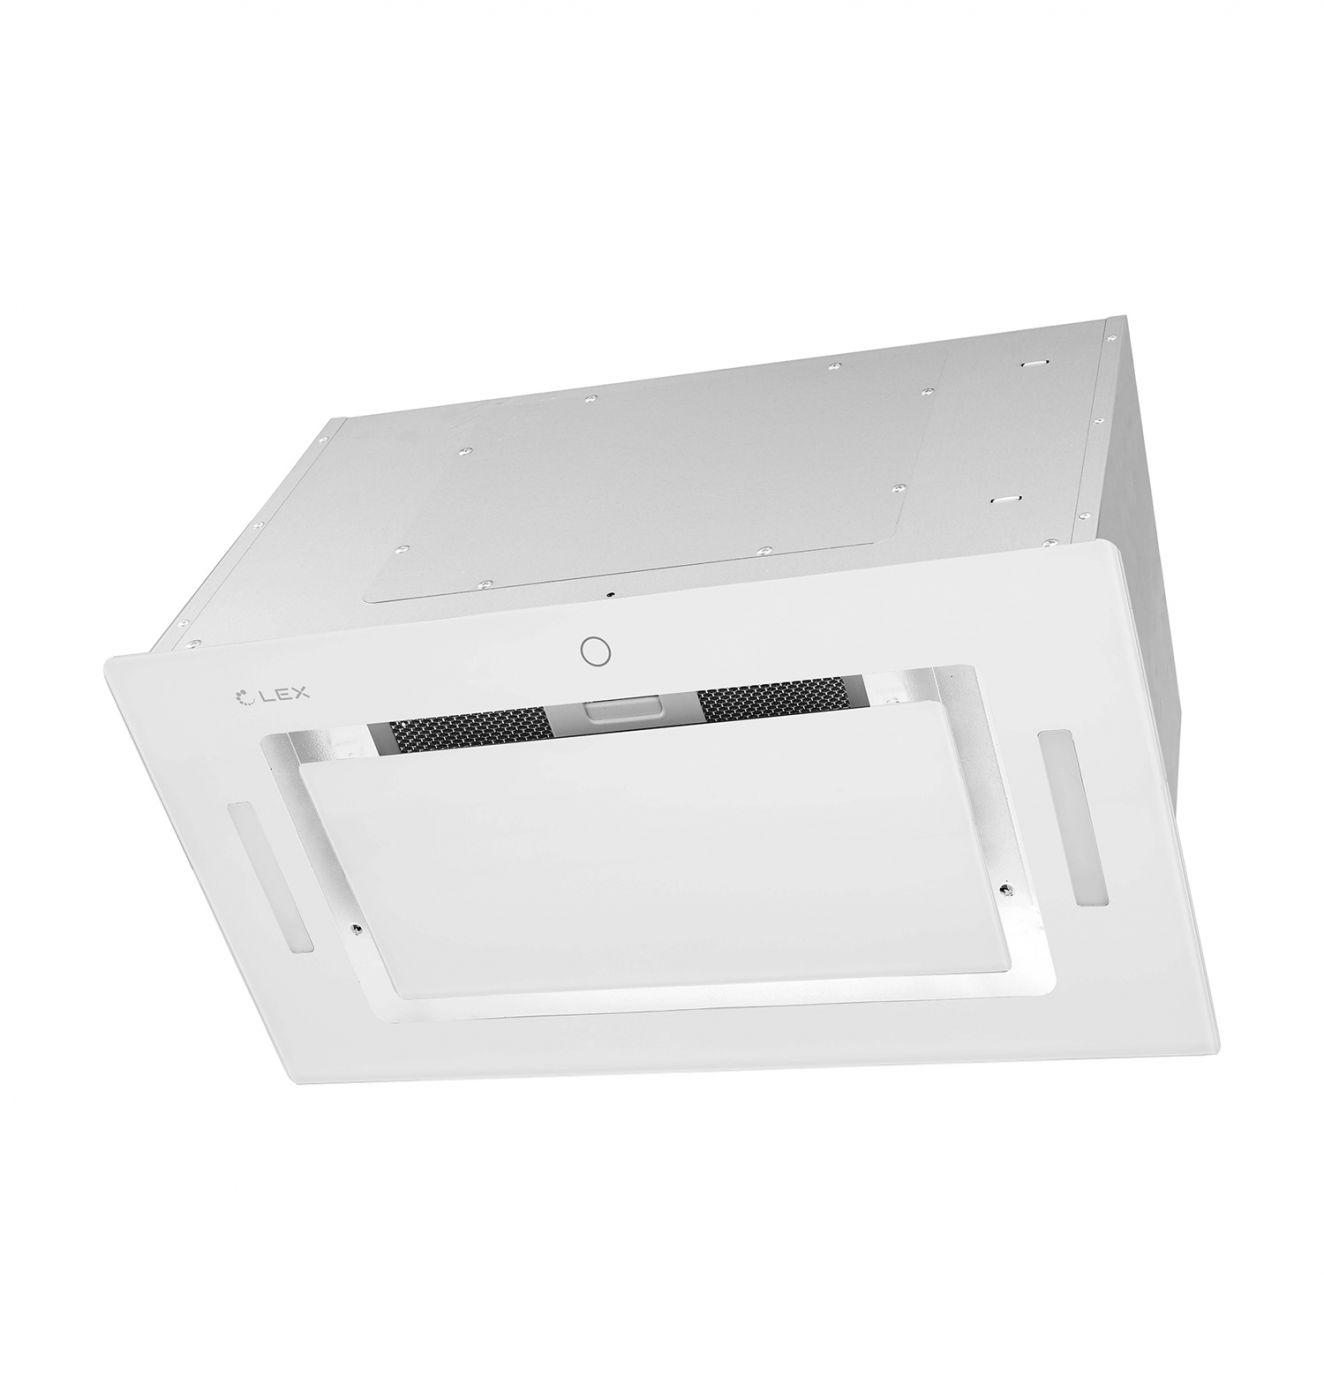 Встраиваемая вытяжка LEX GS BLOC Gs 600 white CHTI000362